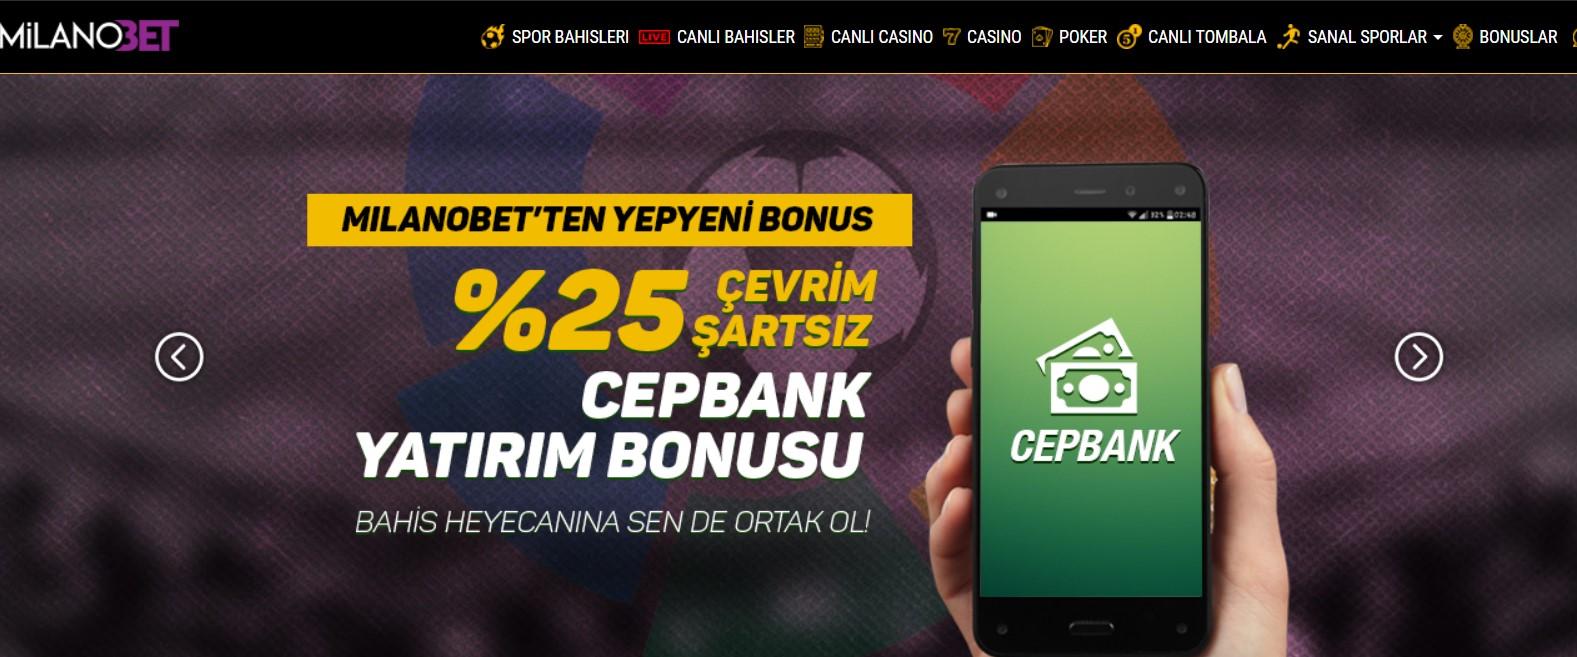 MilanoBet Bahis Analiz, Giriş  ve MilanoBet Müşteri Anketi